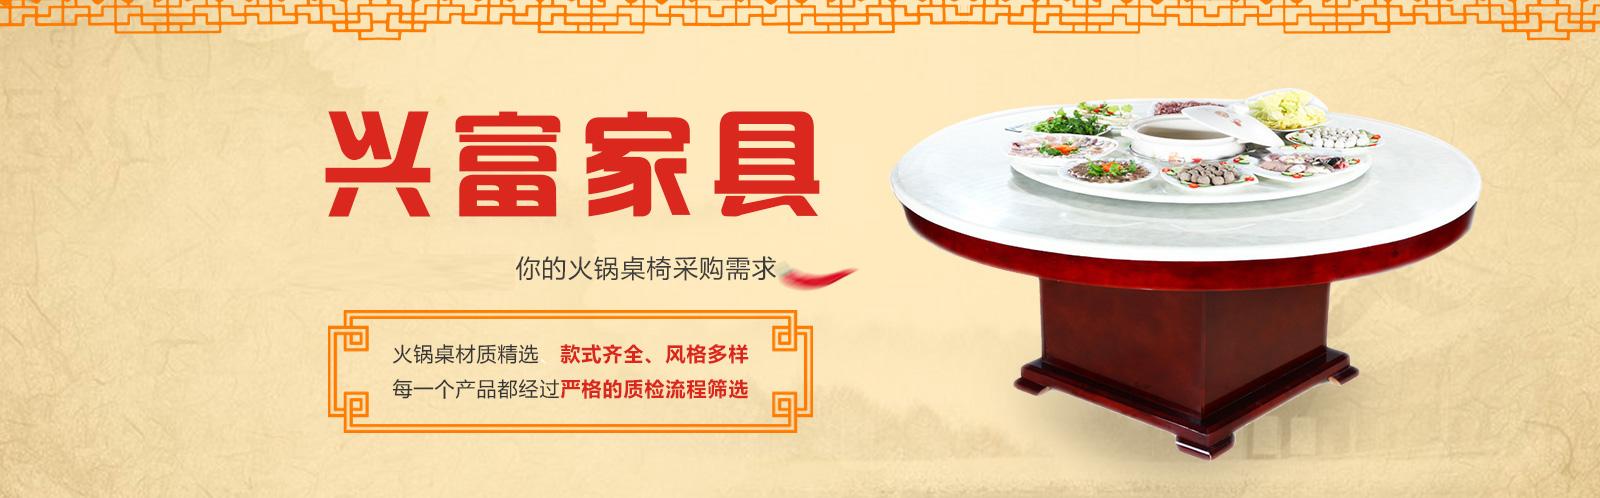 重庆火锅桌